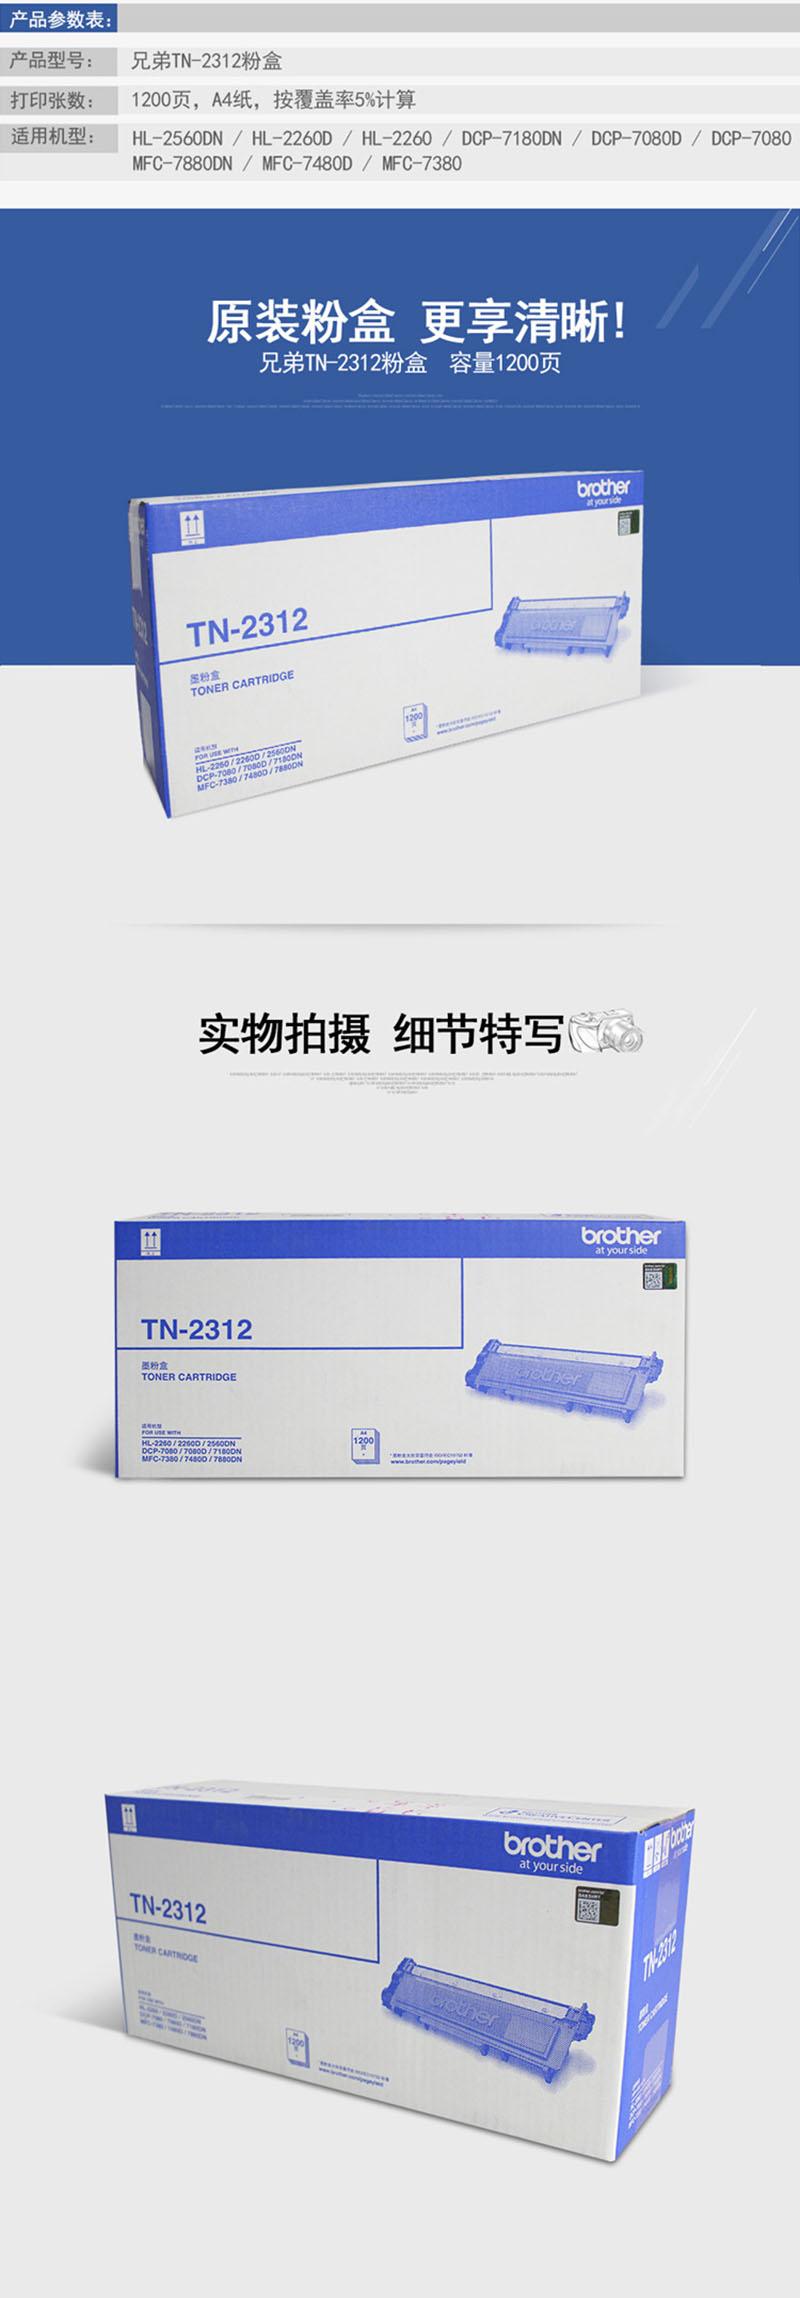 兄弟 TN-2312 原装墨粉盒(适用机型兄弟 HL-2560DN;HL-2260D;HL-2260;DCP-7180DN;DCP-7080D;DCP-7080;MFC-7880DN;MFC-7480D;MFC-7380)1